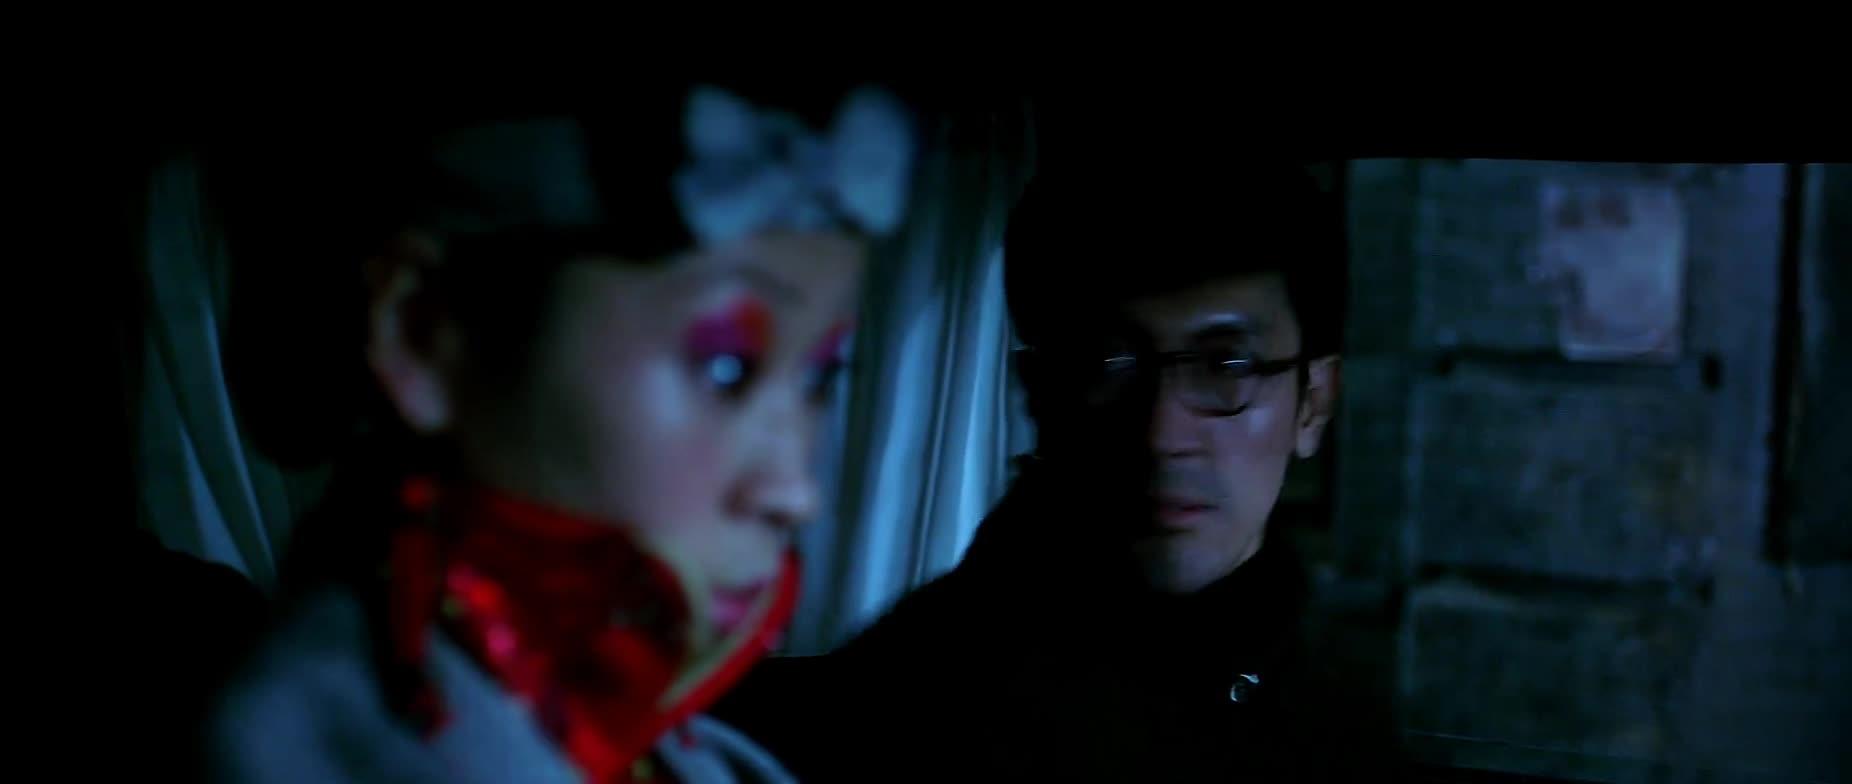 #经典看电影#美女徒手掰弯日本人的枪,太给力了吧。